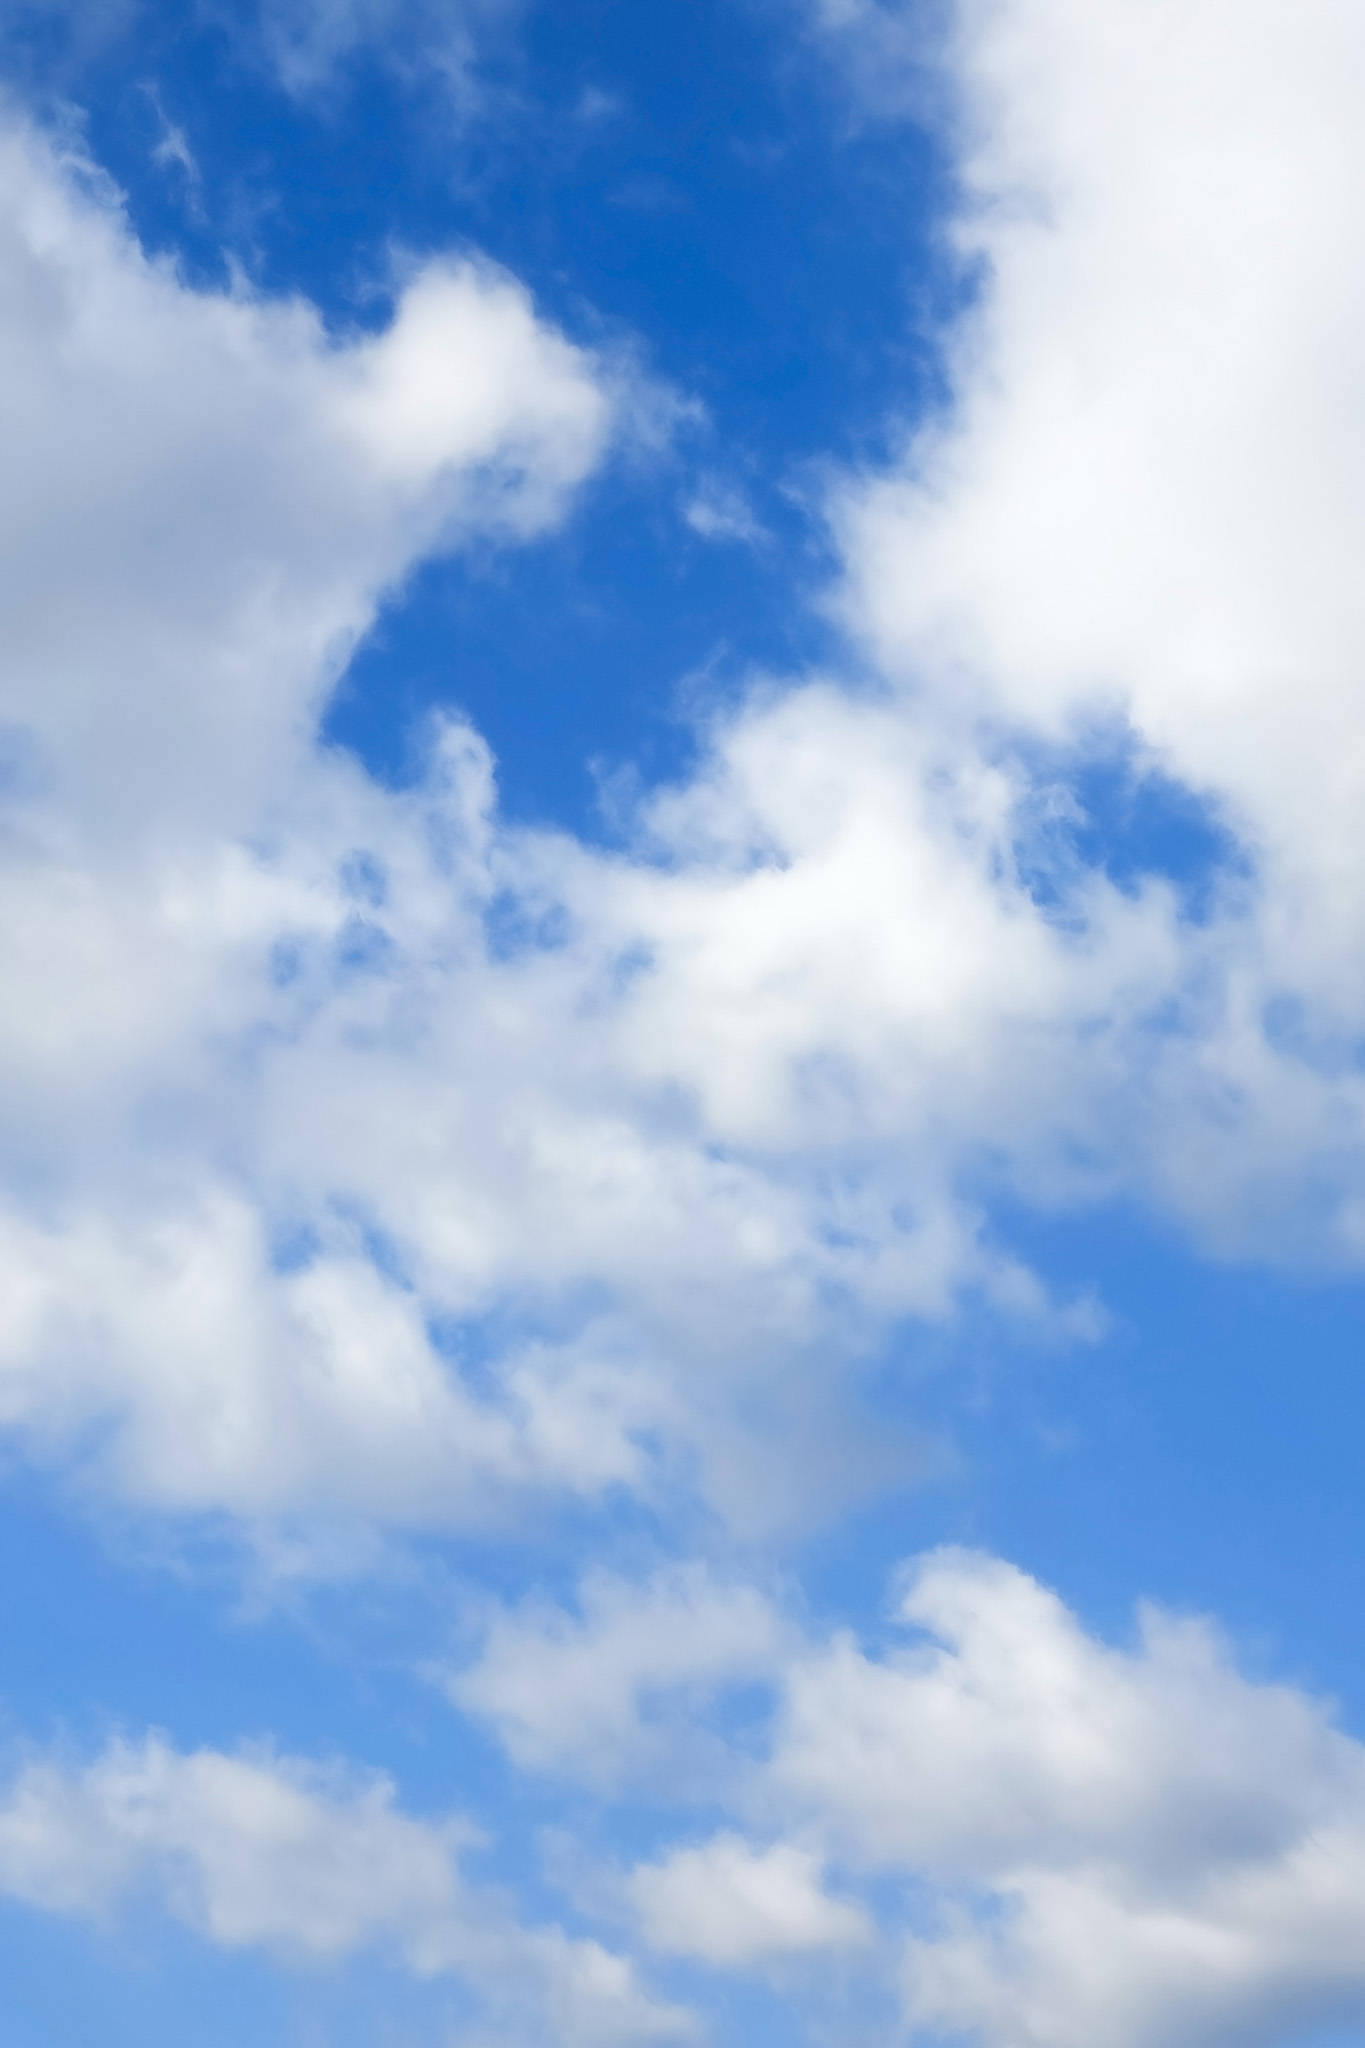 「煙のような雲が青空に広がる」の画像を無料ダウンロード